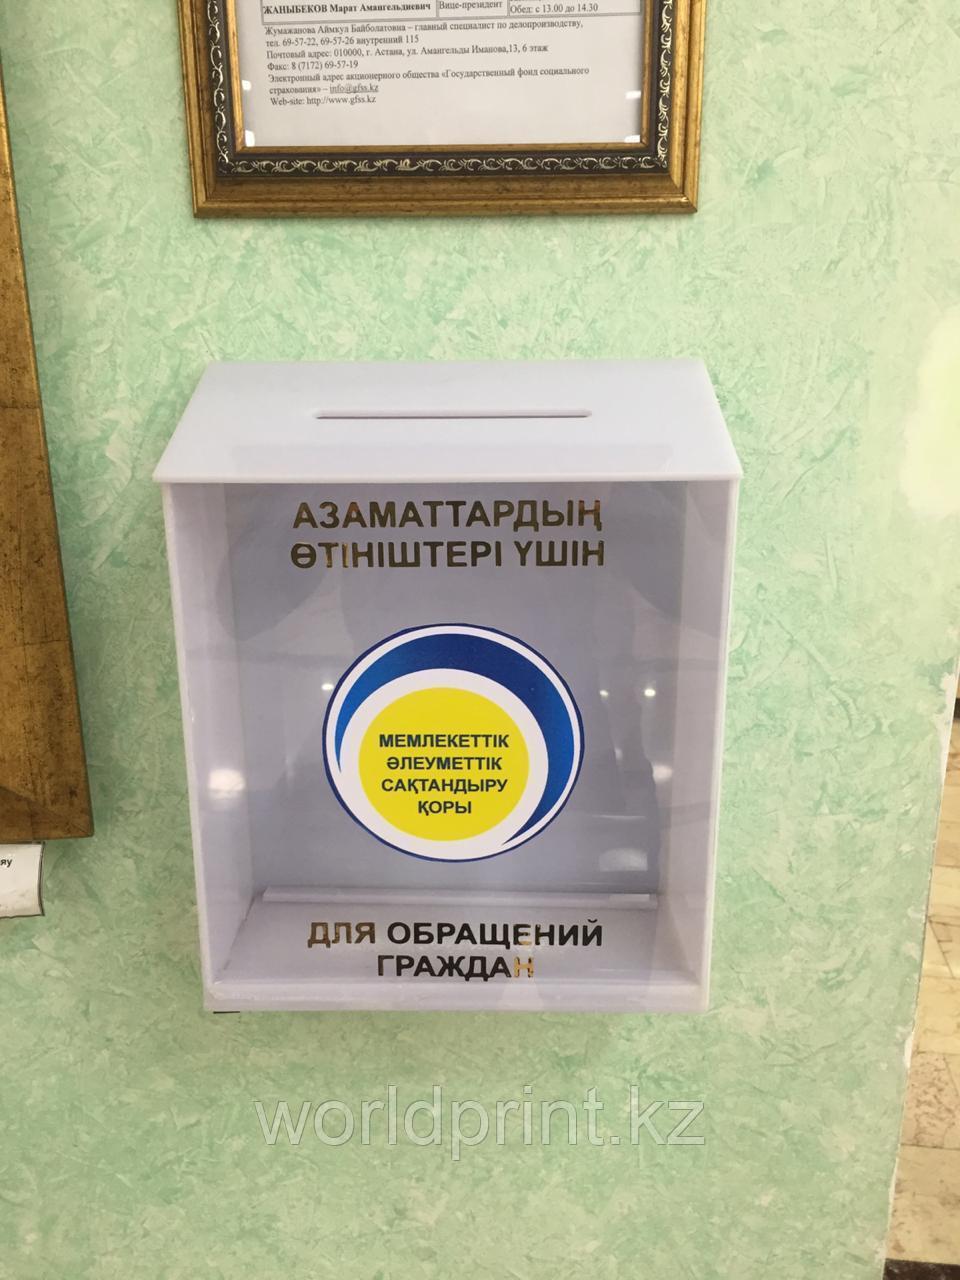 Заказать ящик для жалоб и предложений в Астане